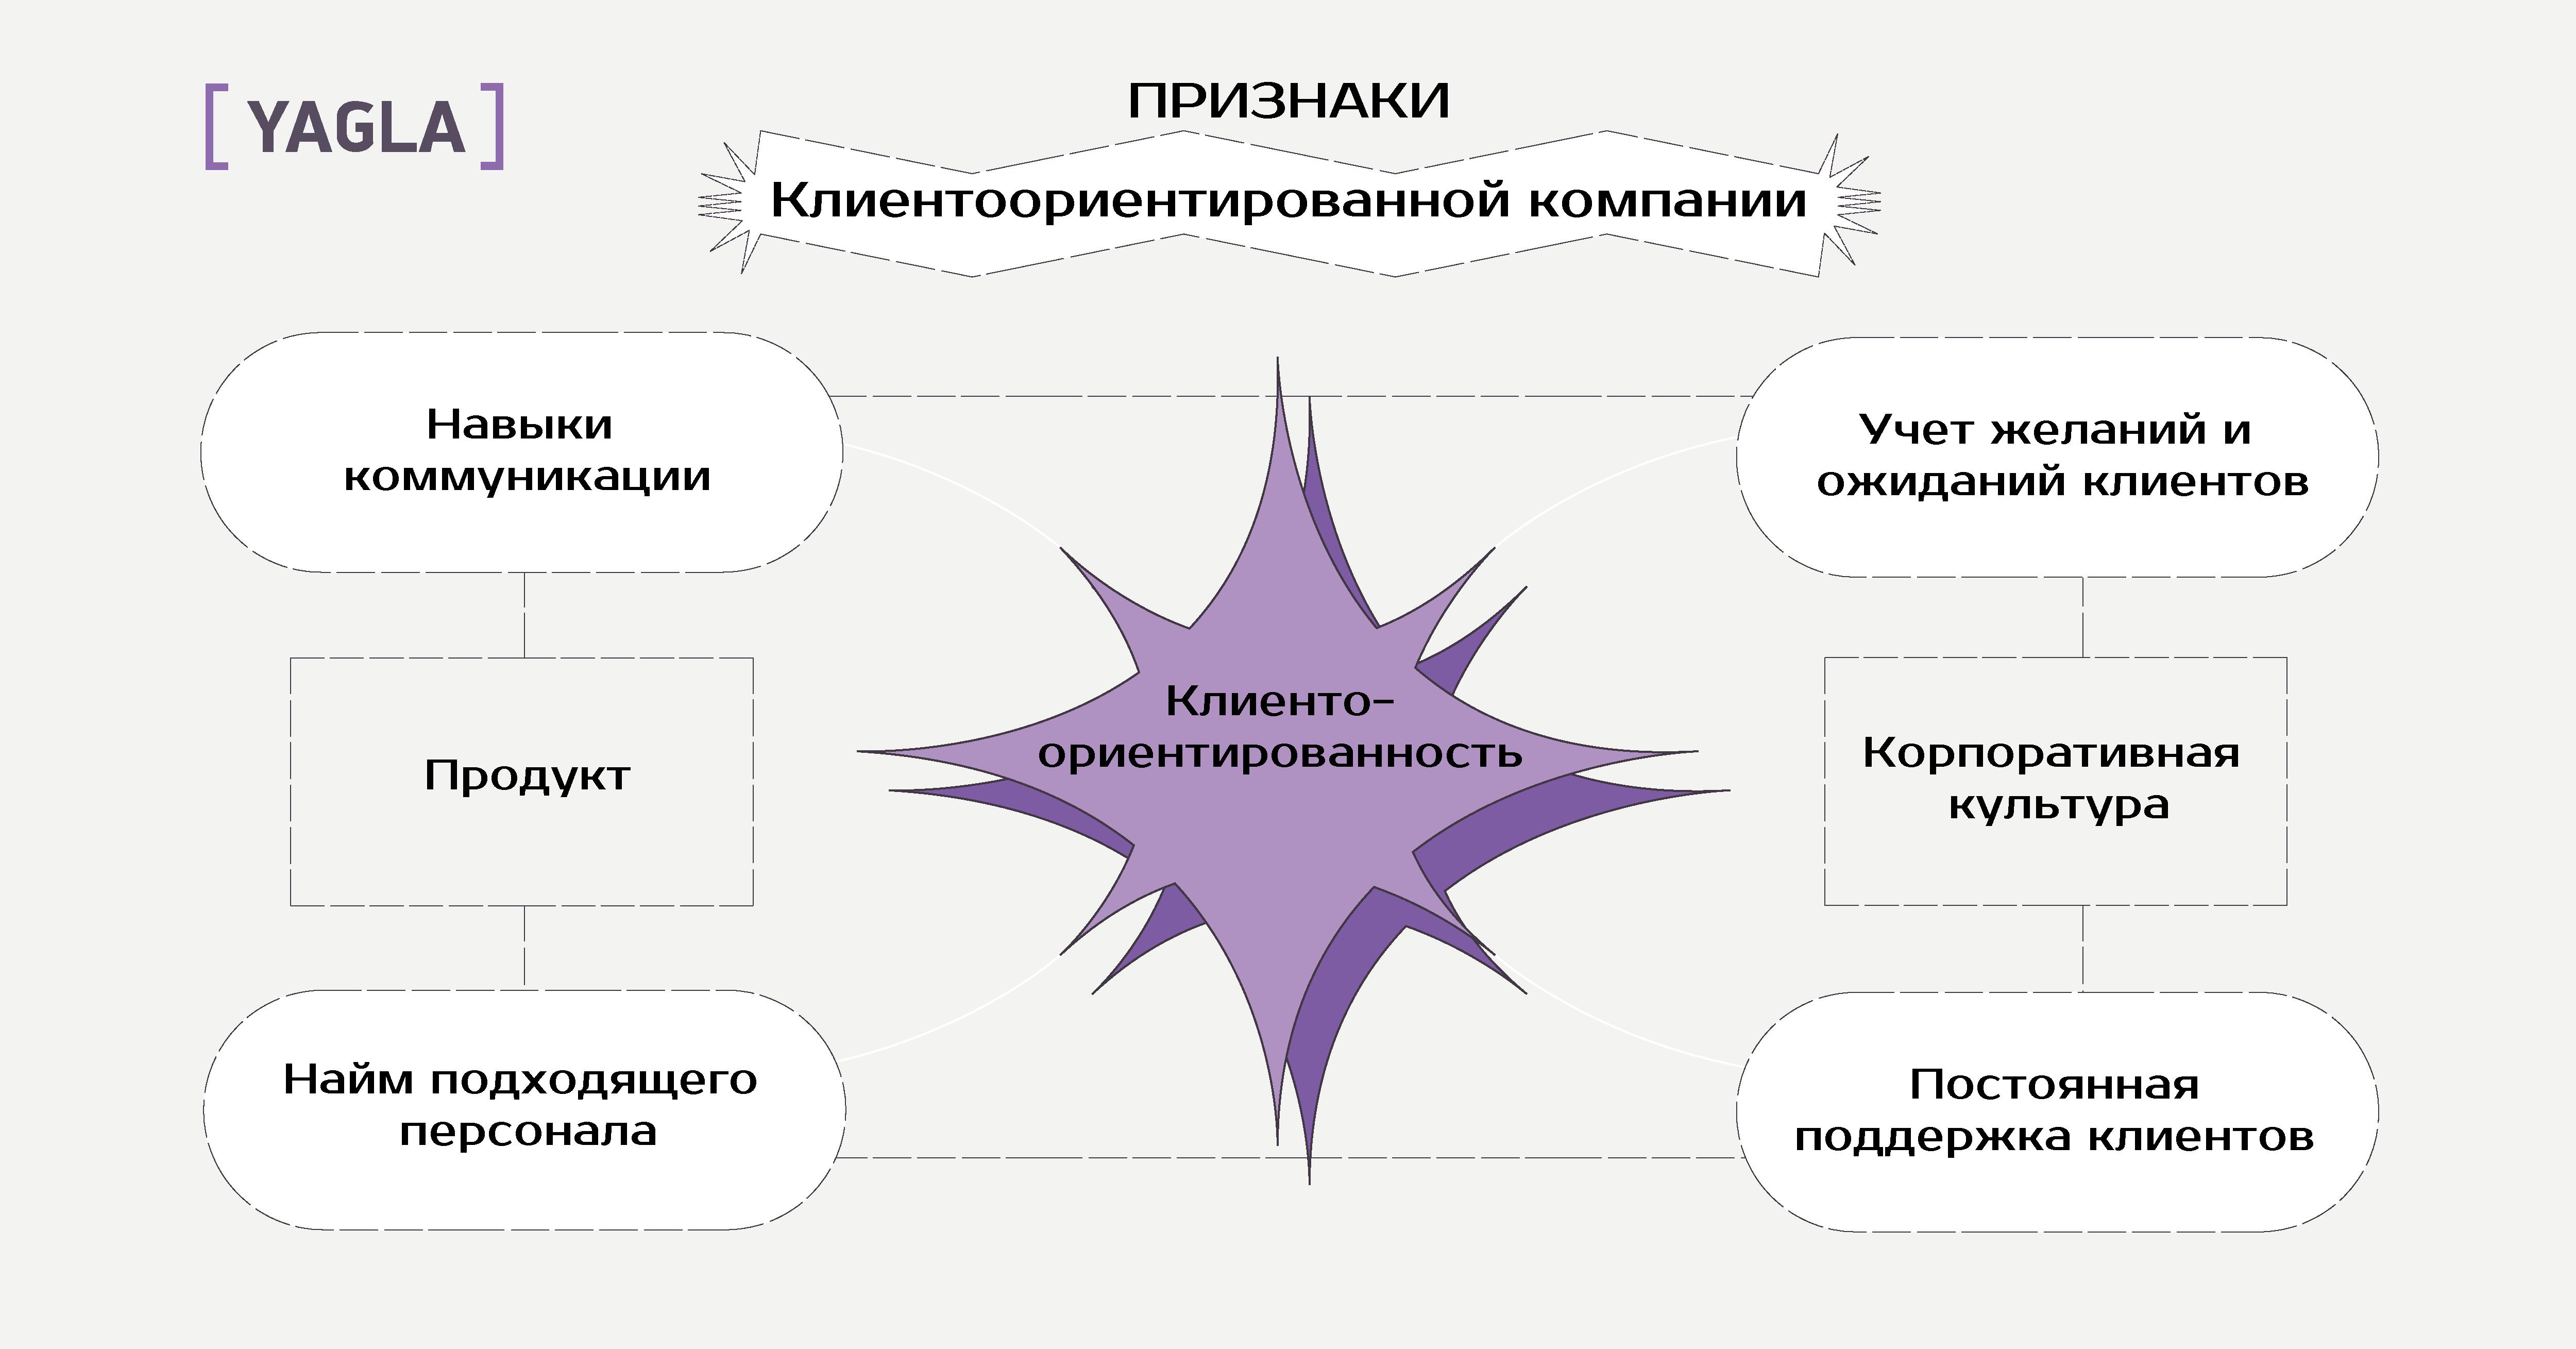 Признаки клиентоориентированной компании